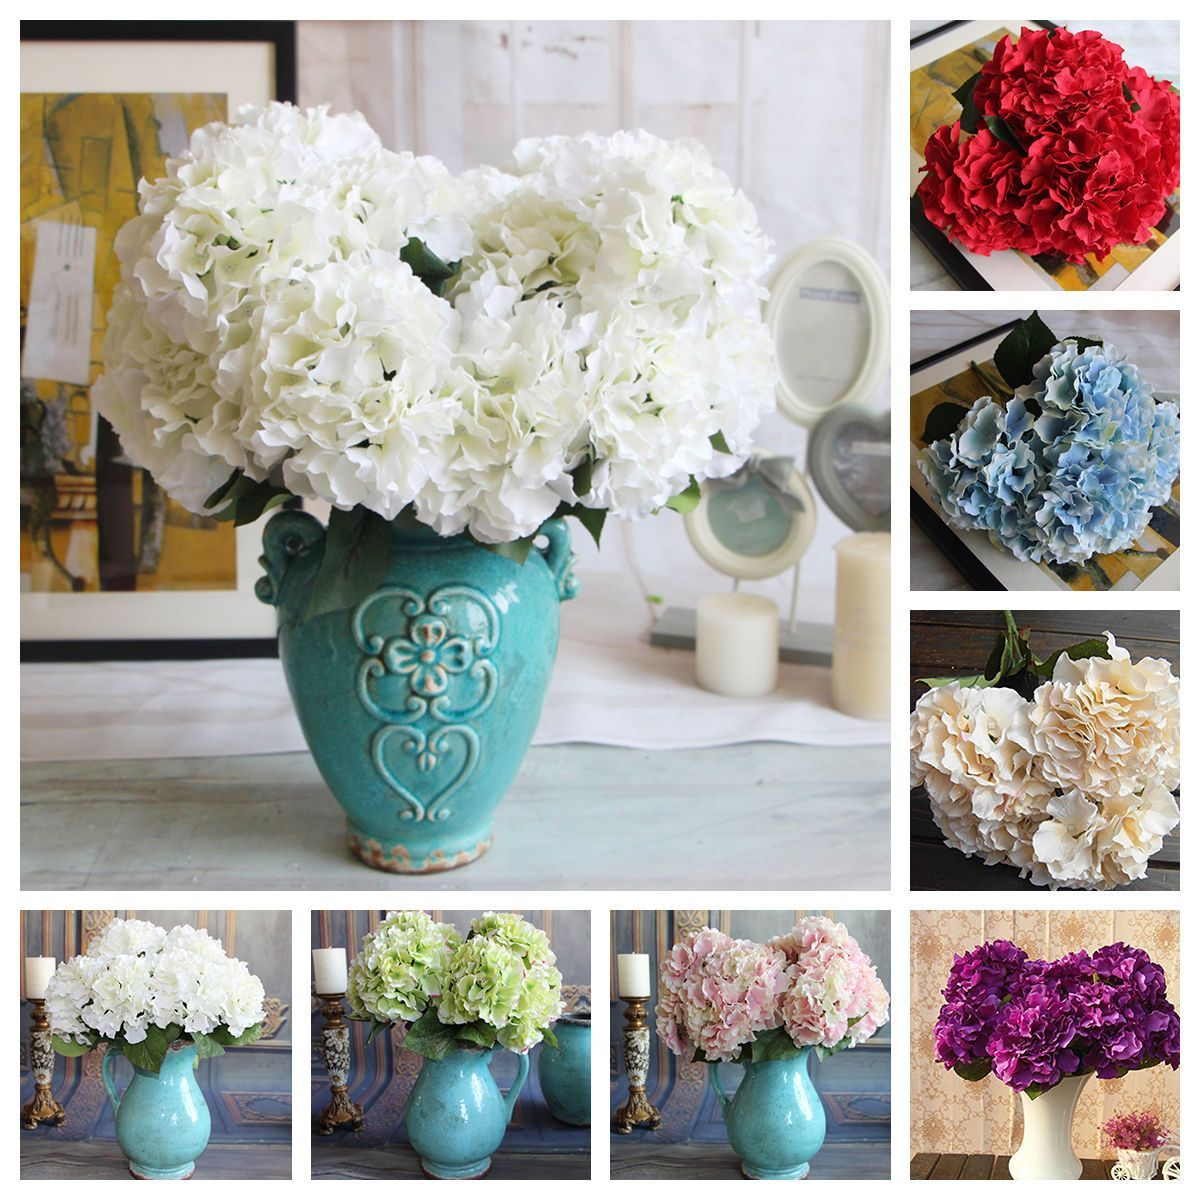 New artificial hydrangea silk bouquet 5 flower heads wedding garden artificial hydrangea silk bouquet 5 flower heads wedding garden bridal decor mightylinksfo